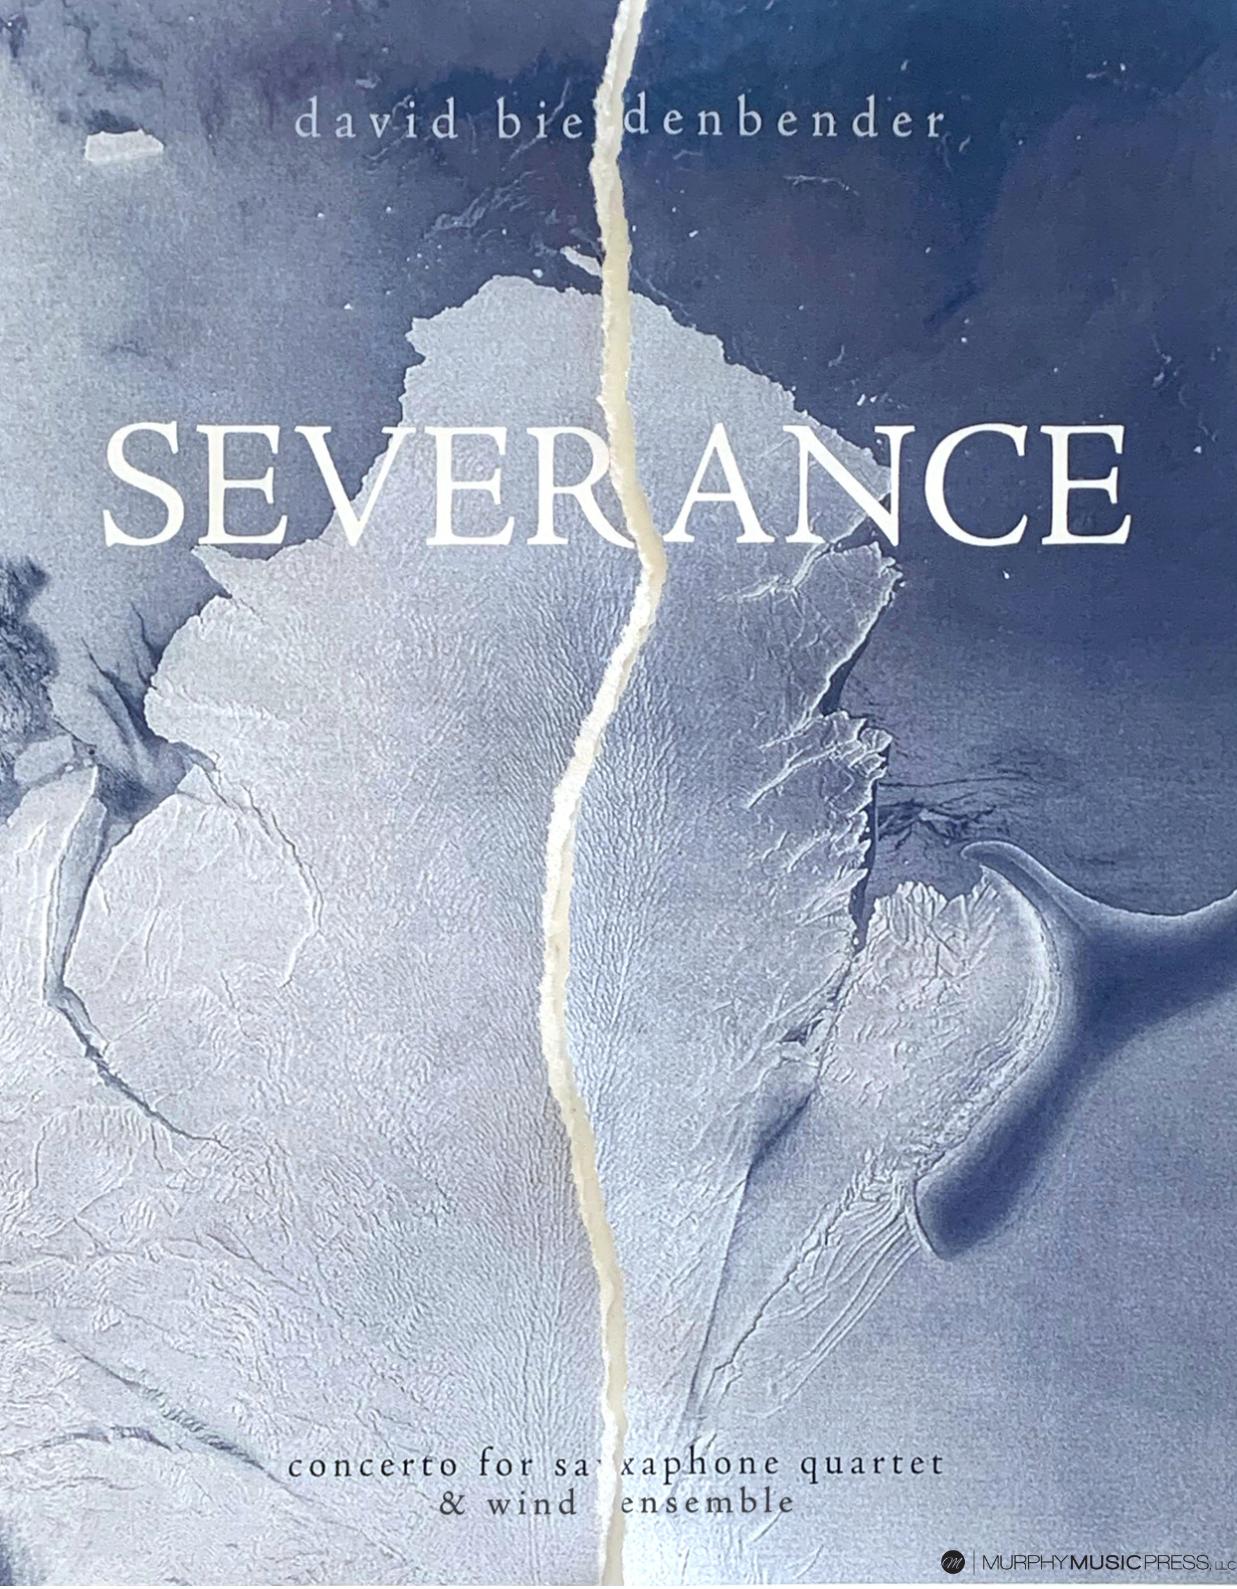 Severance (Parts Rental Only) by David Biedenbender